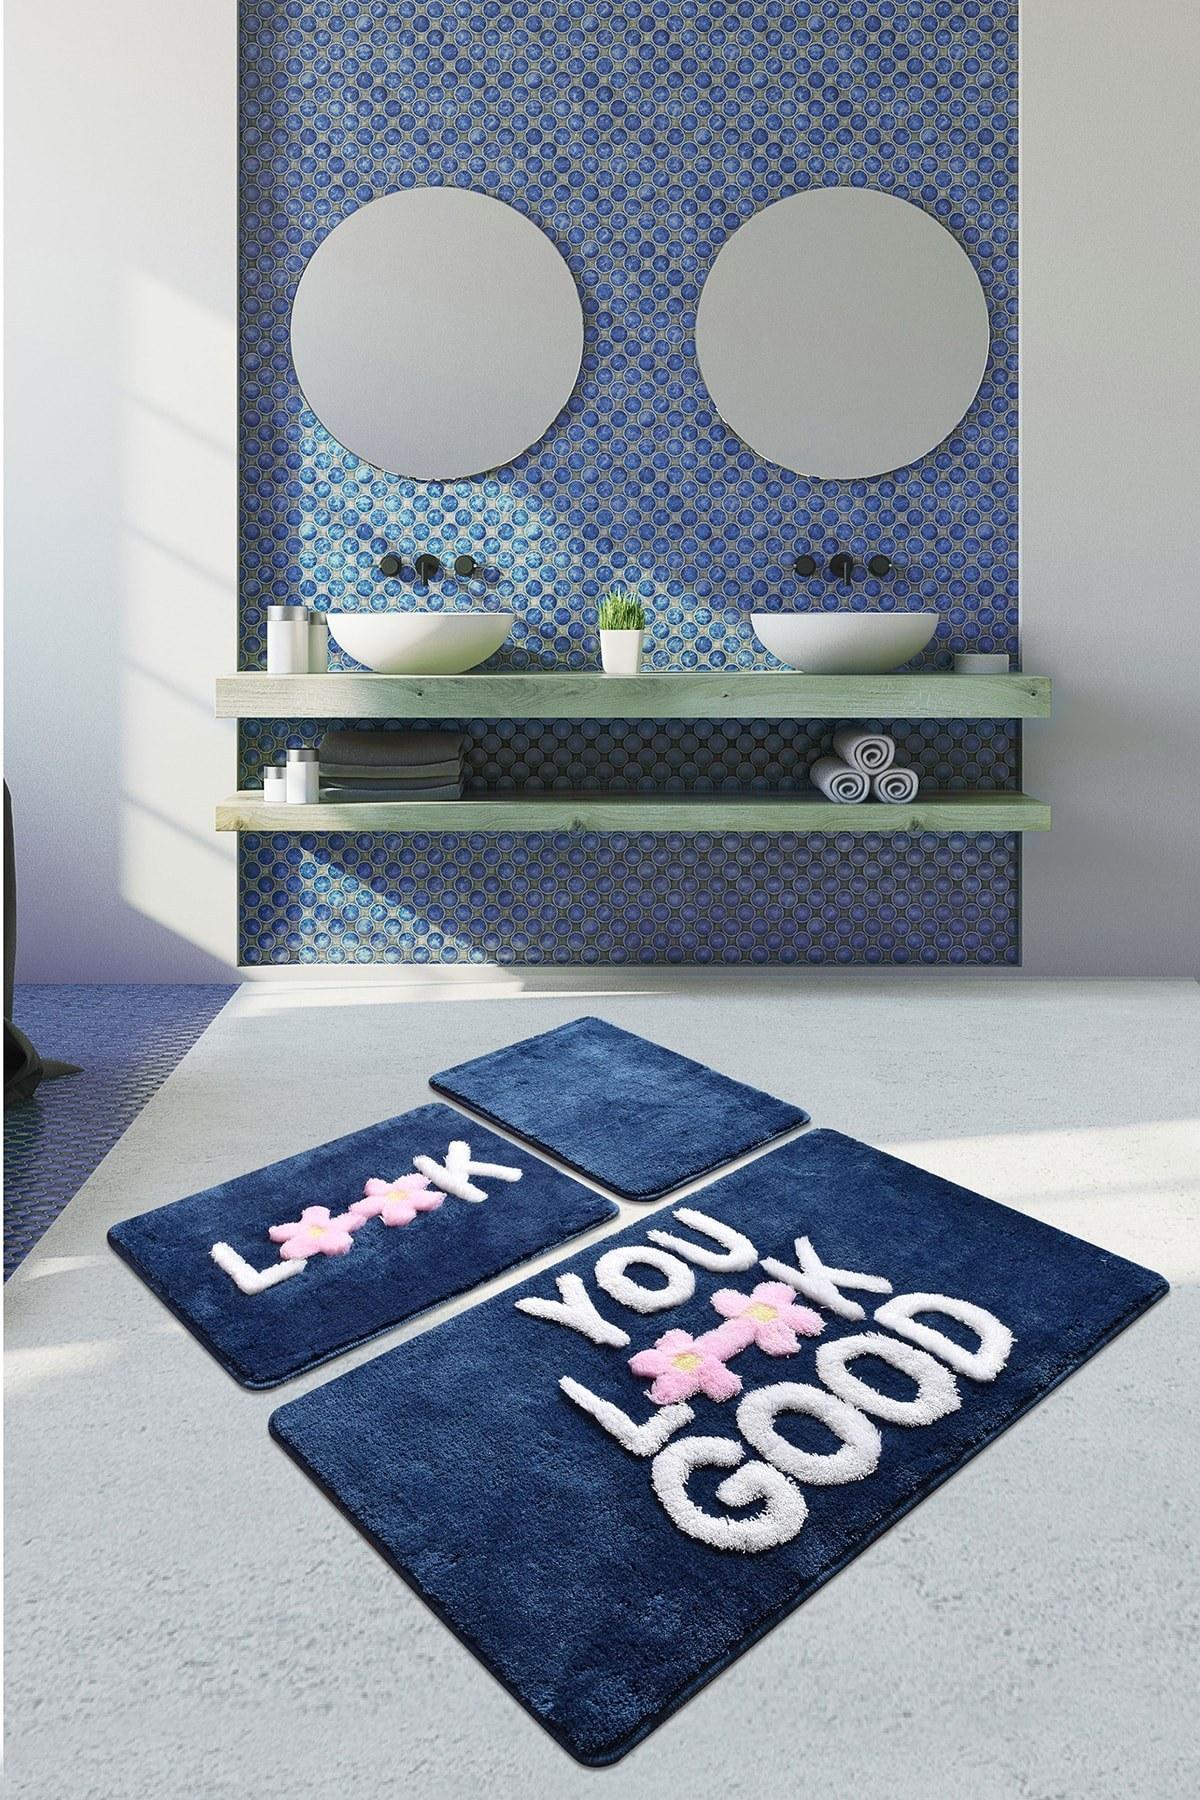 تصویر زیرپایی فرش ست حمام 3تایی آبی برند Chilai Home کد 1616047081